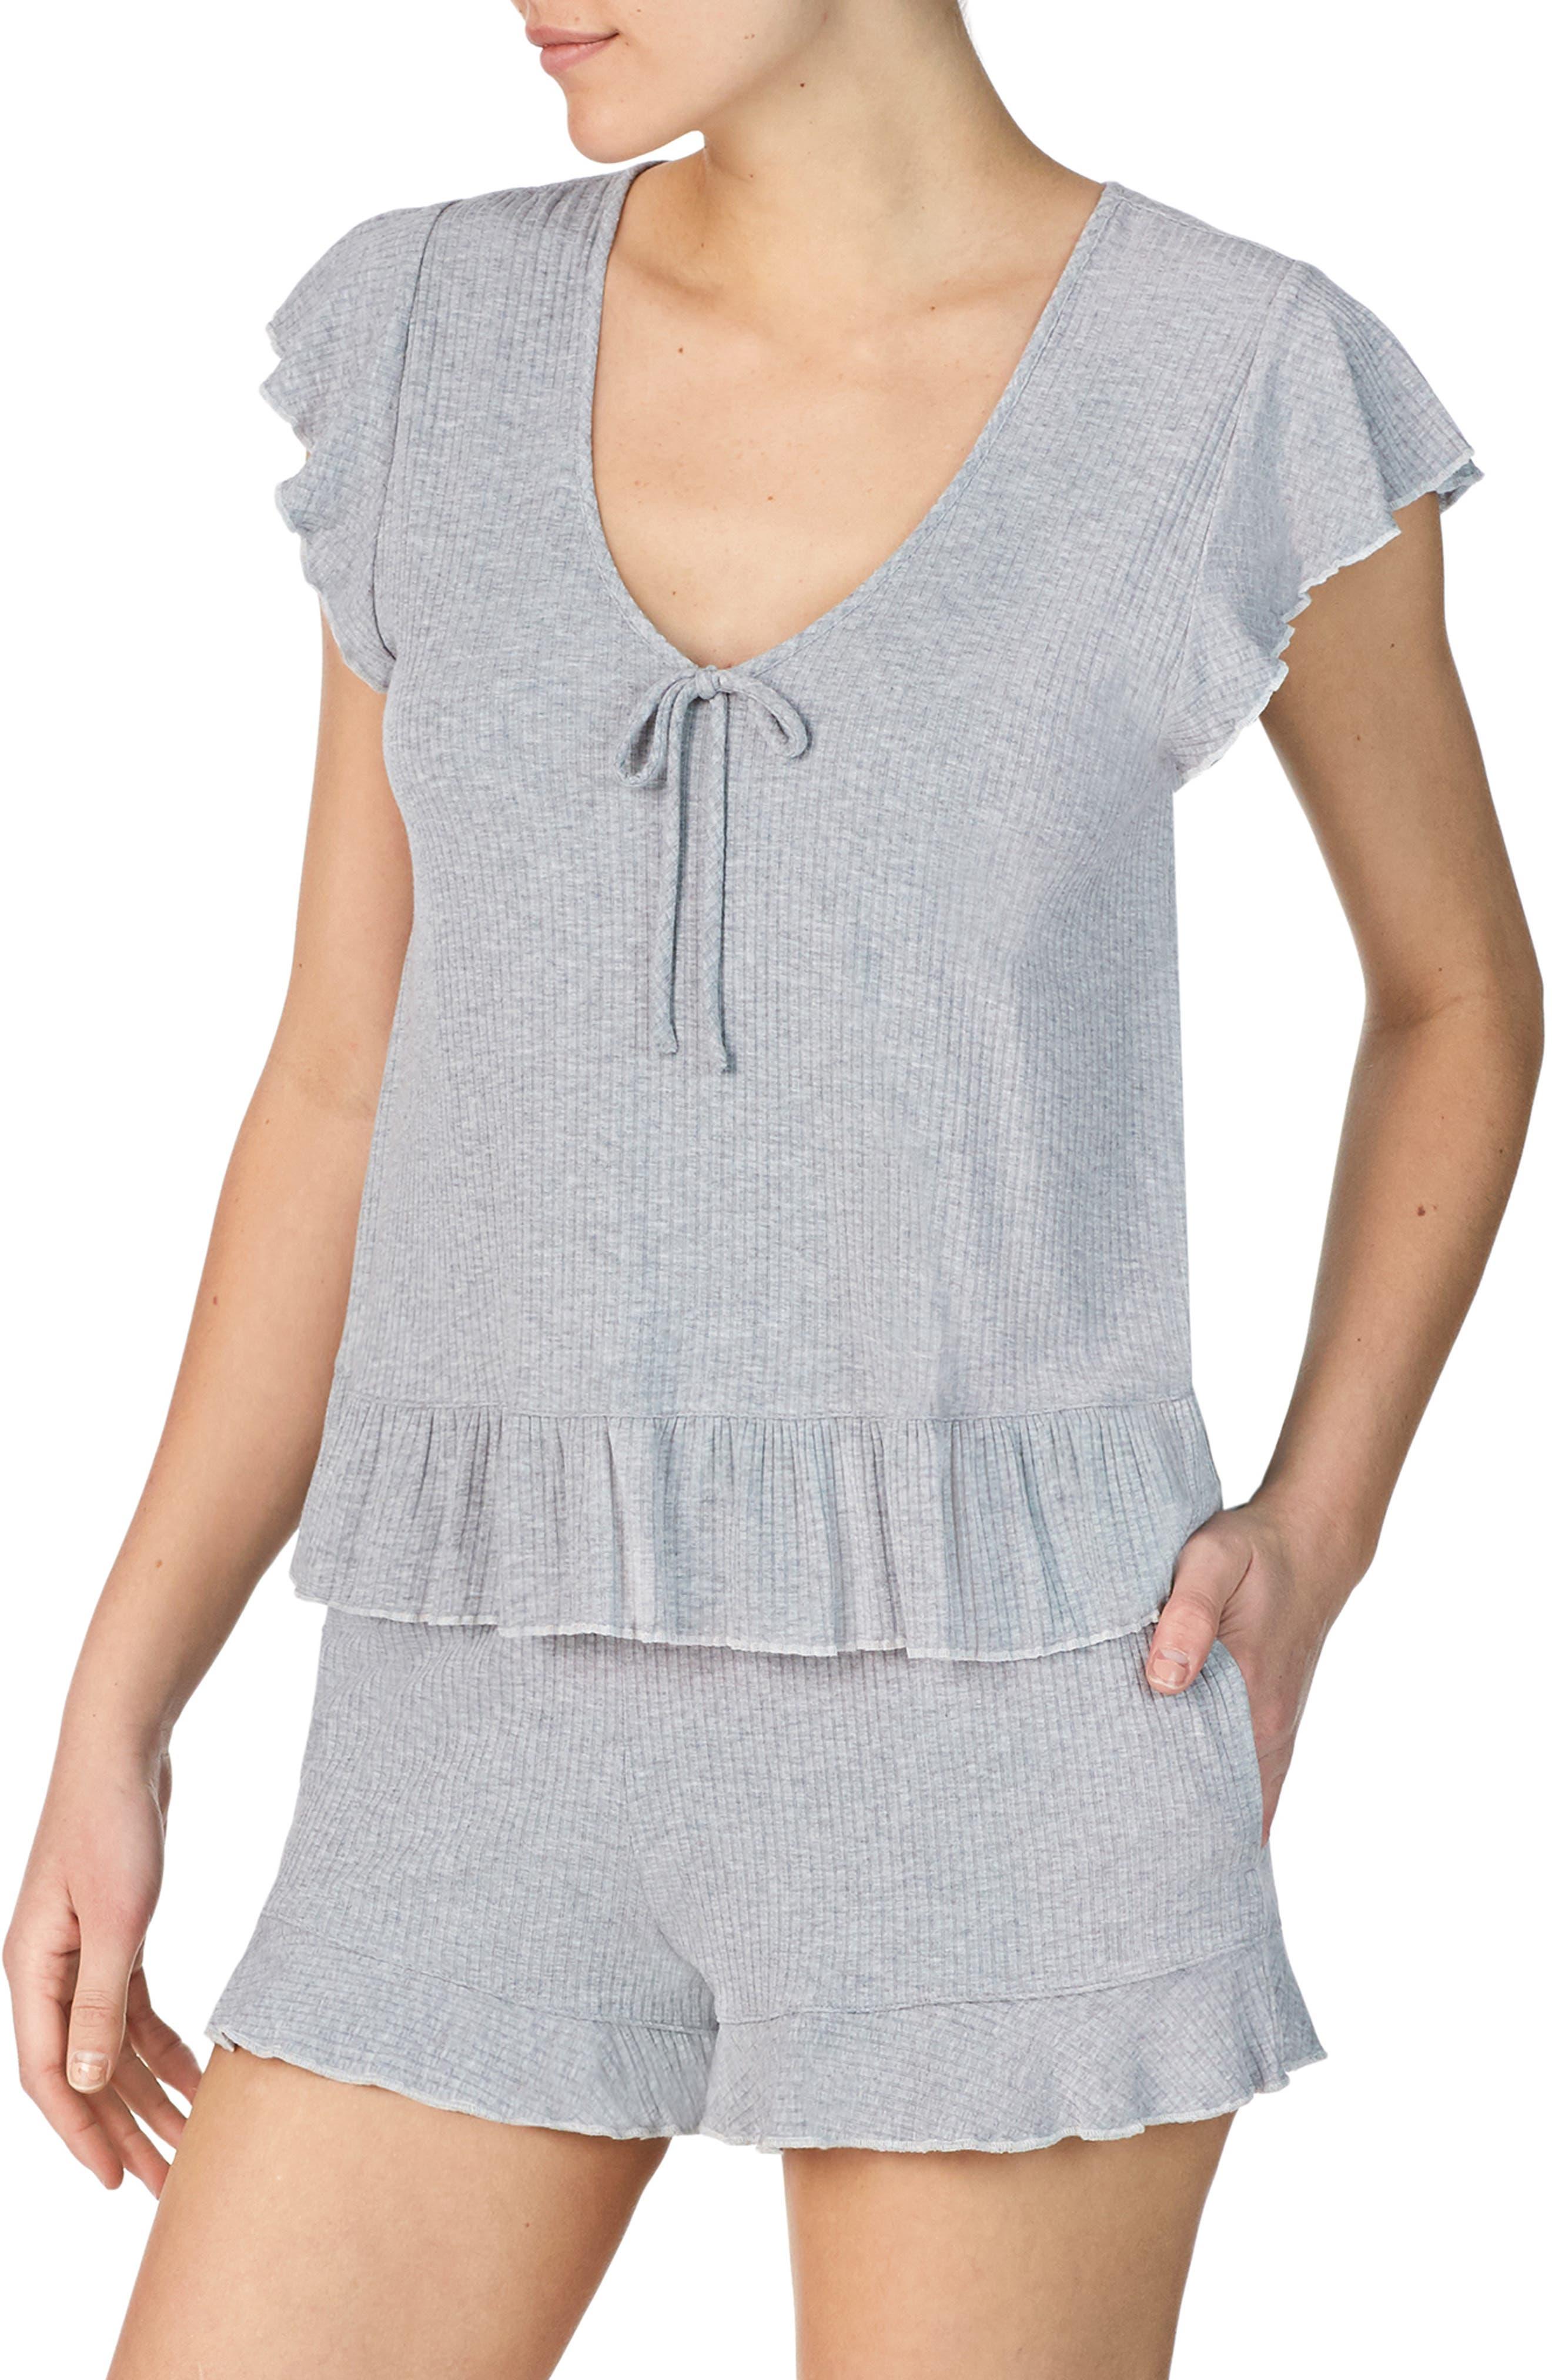 Room Service Ruffle Short Pajamas, Grey (Nordstrom Exclusive)